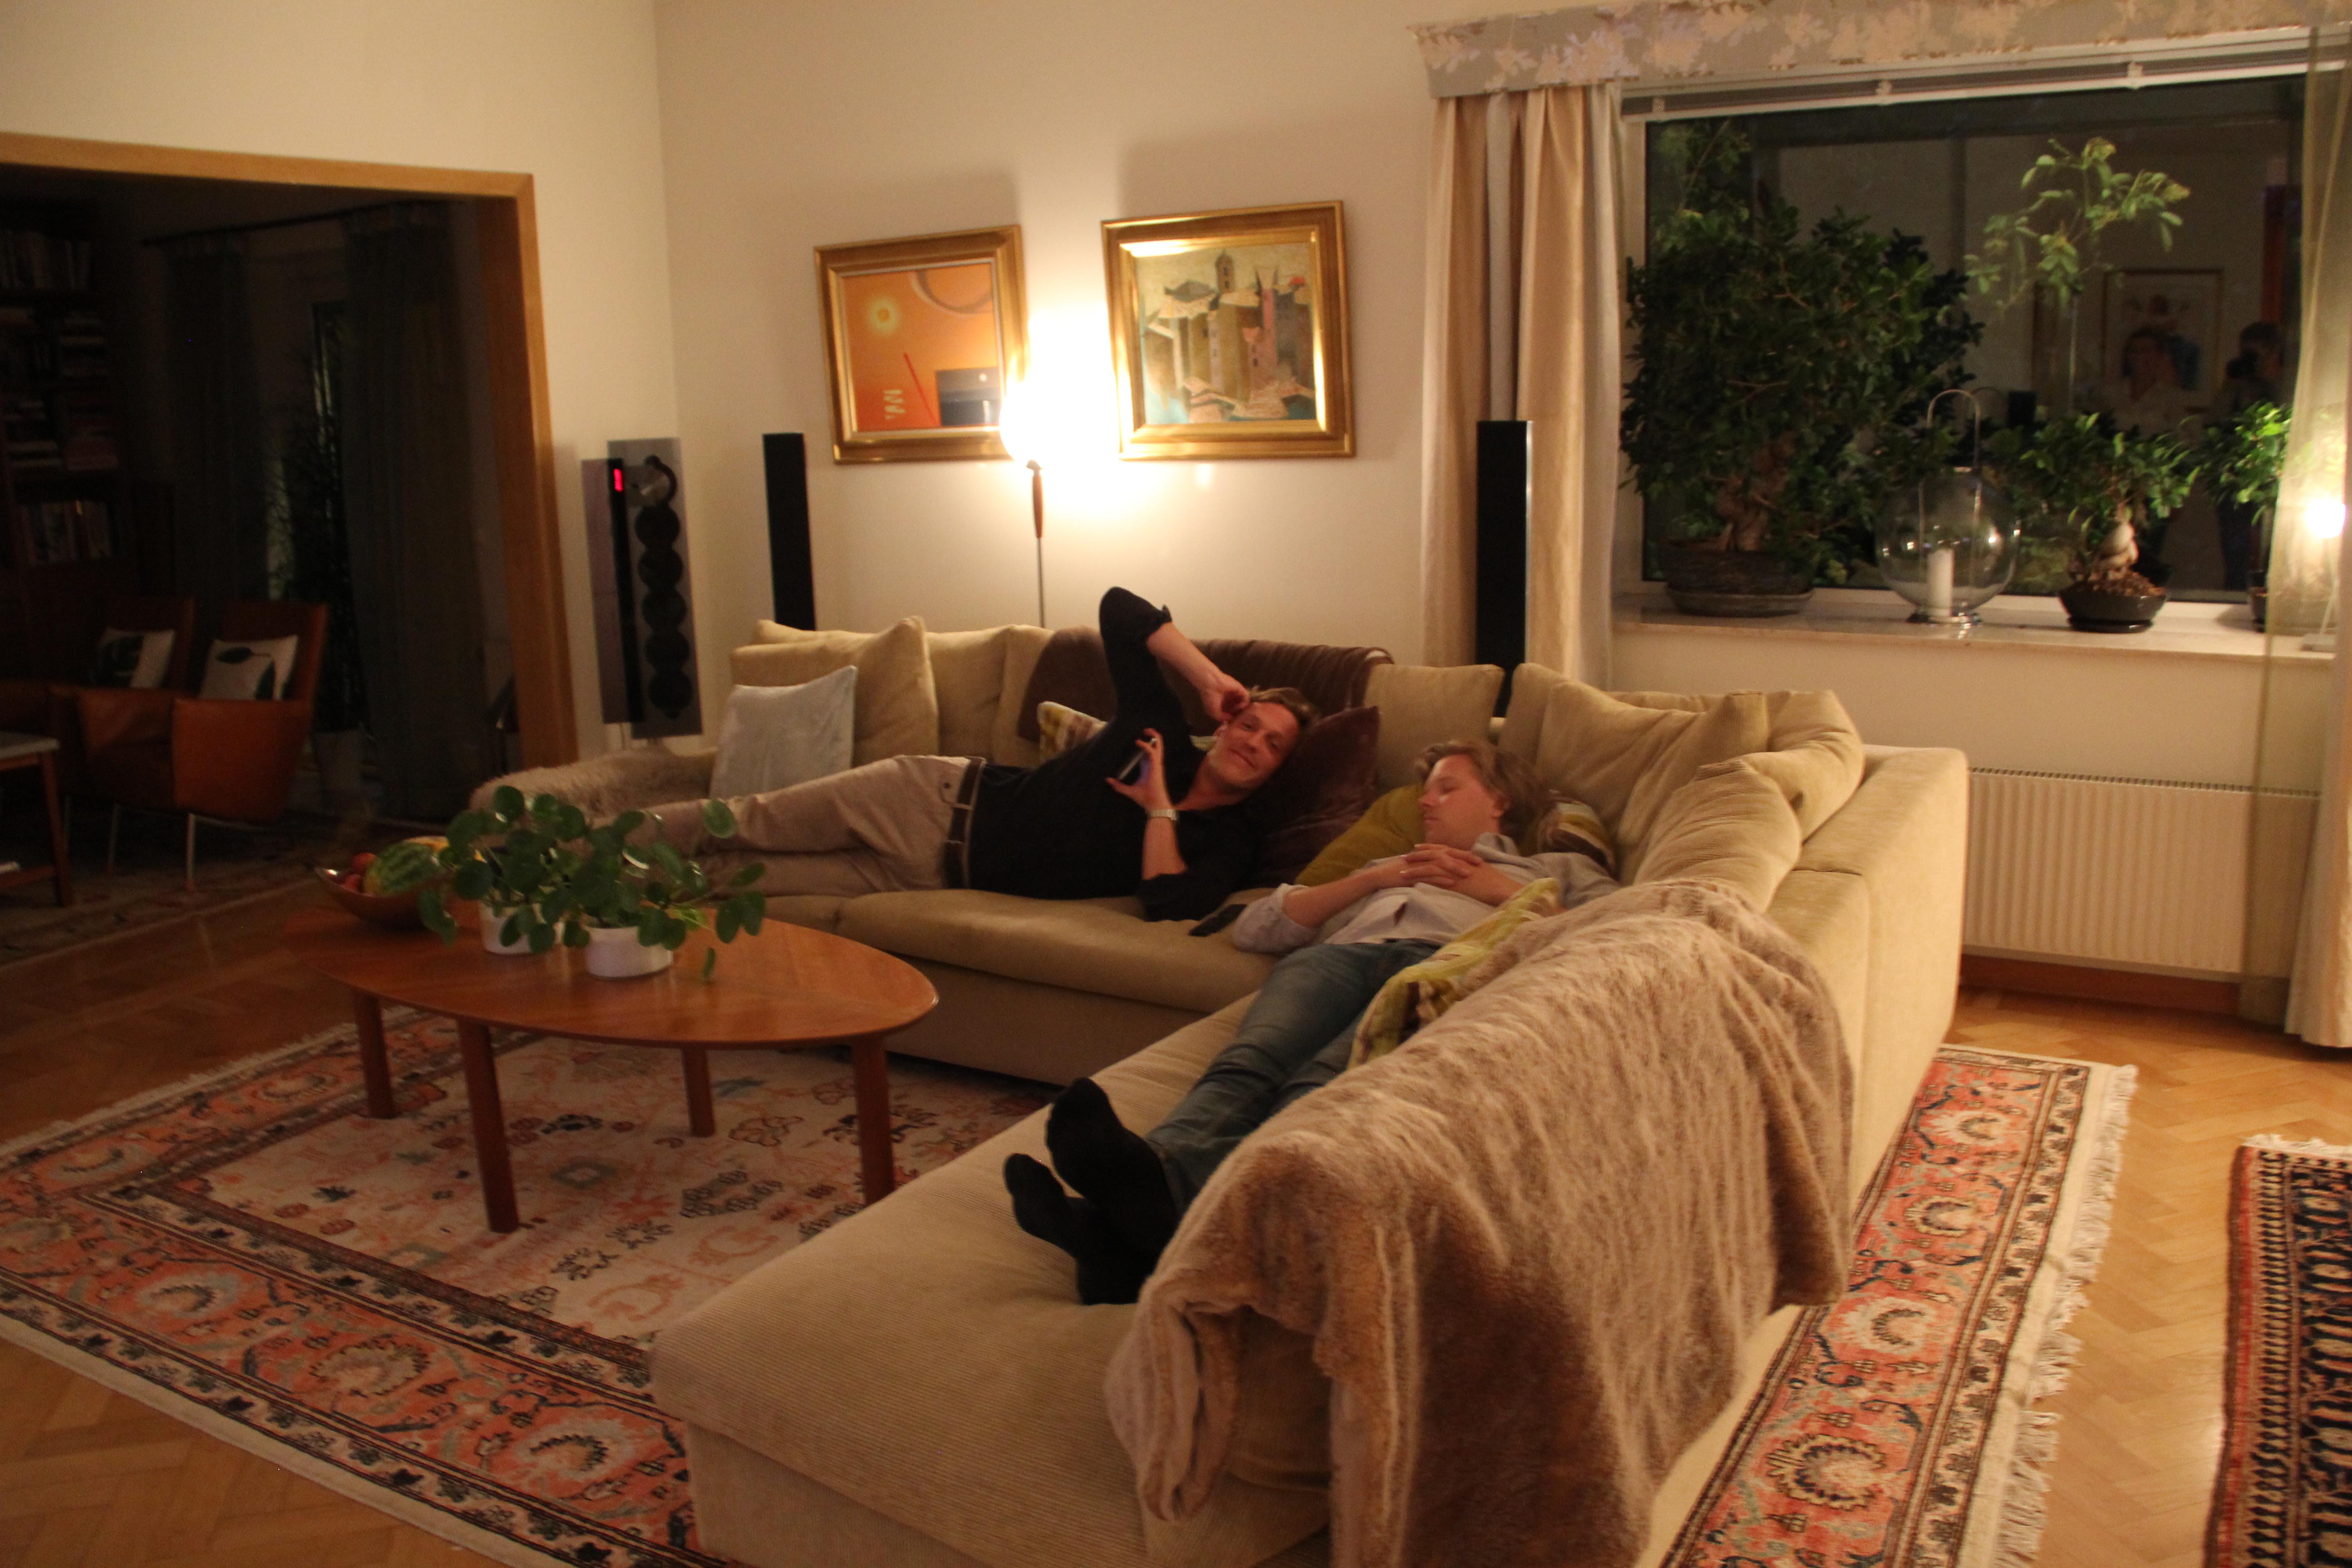 d0d8dc5be1da Sedan slocknade vi i soffan och gjorde oss redo för lördagens galej.